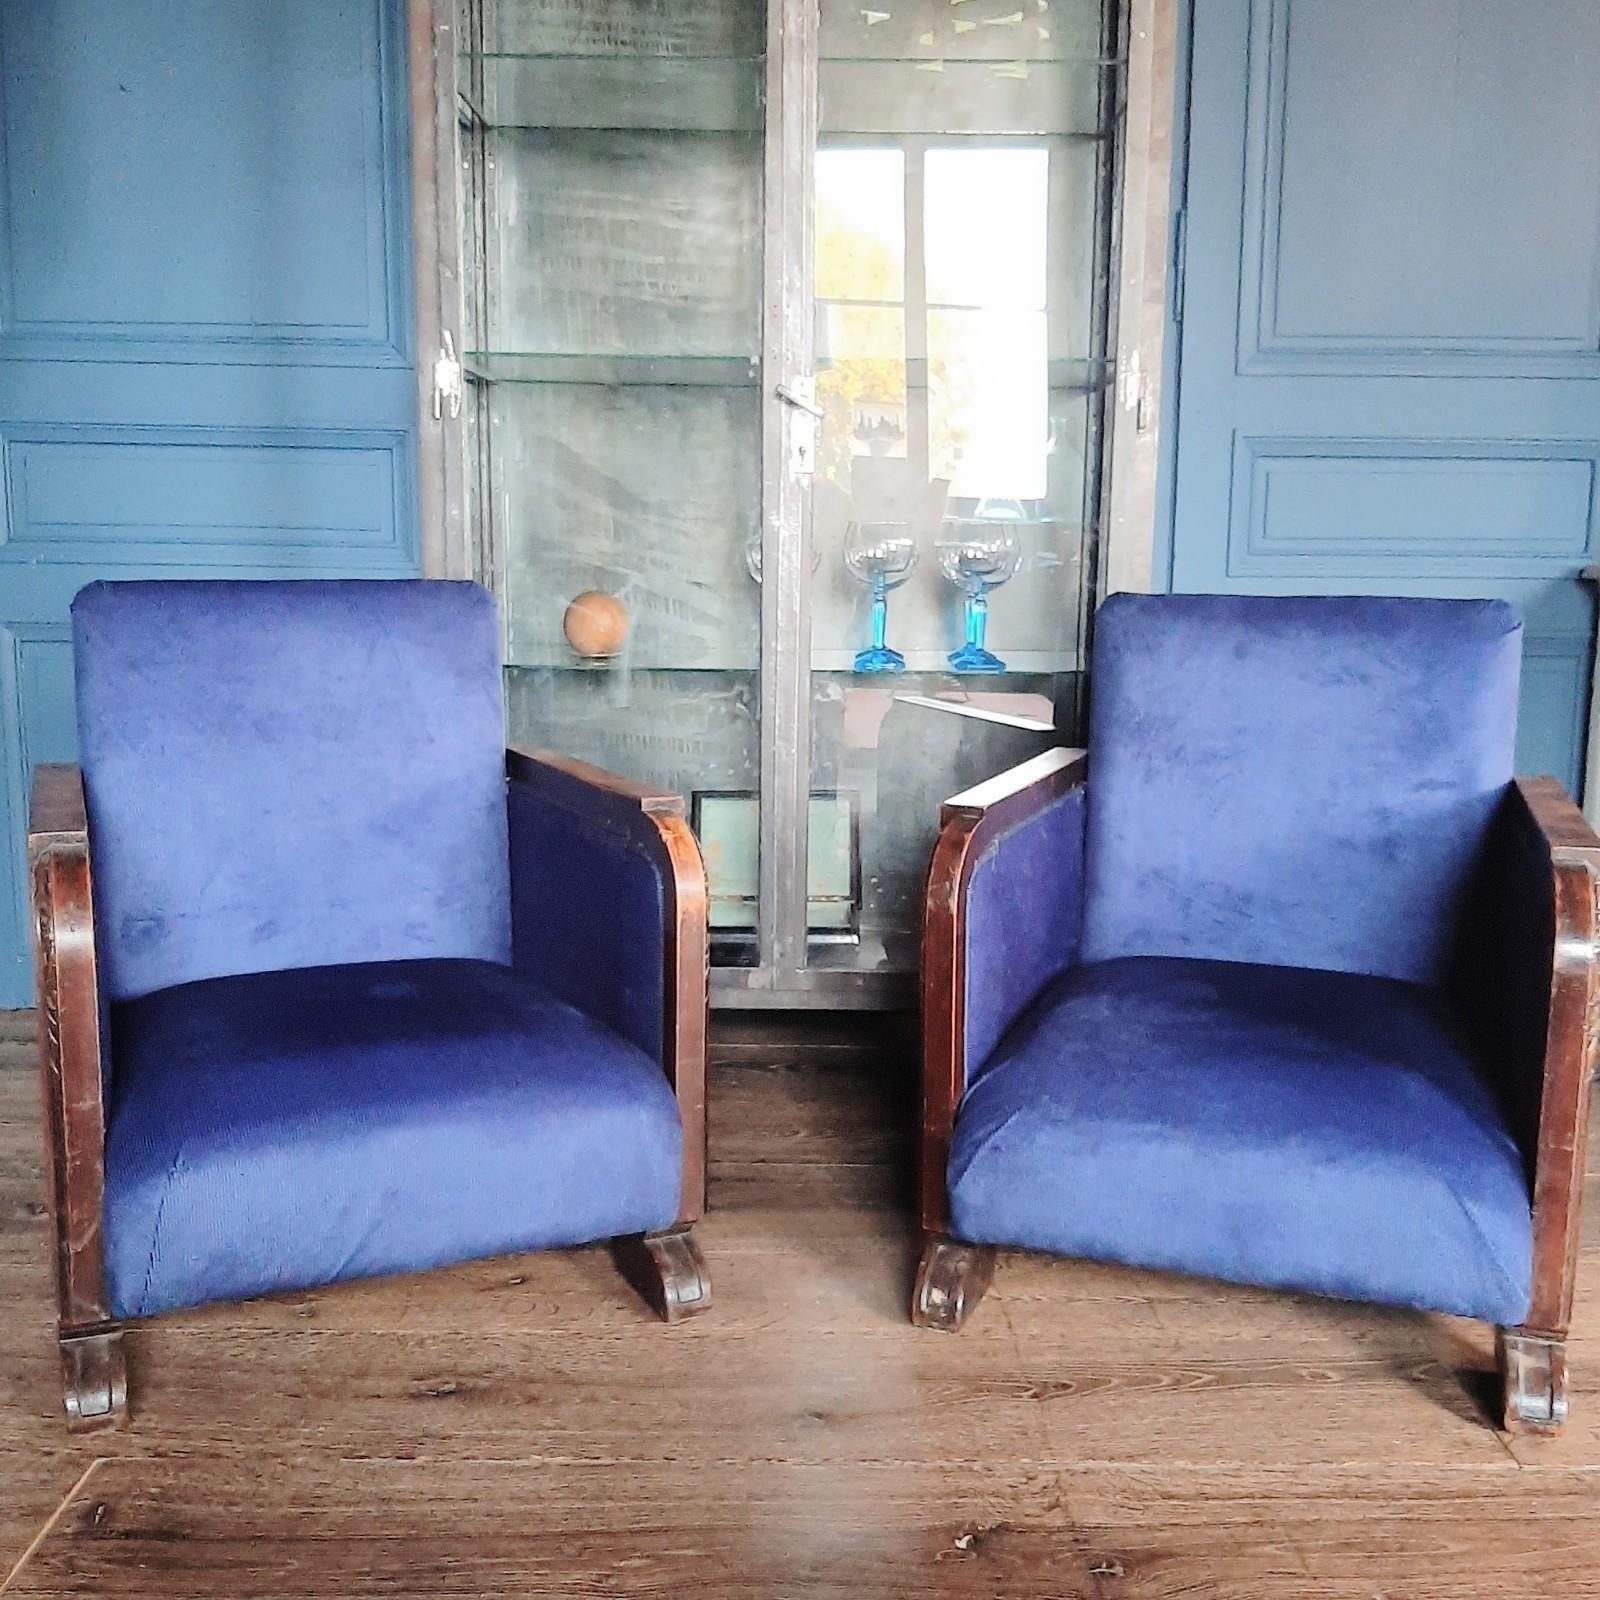 Stel Art Deco fauteuils met blauw ribfluweel, jaren 20